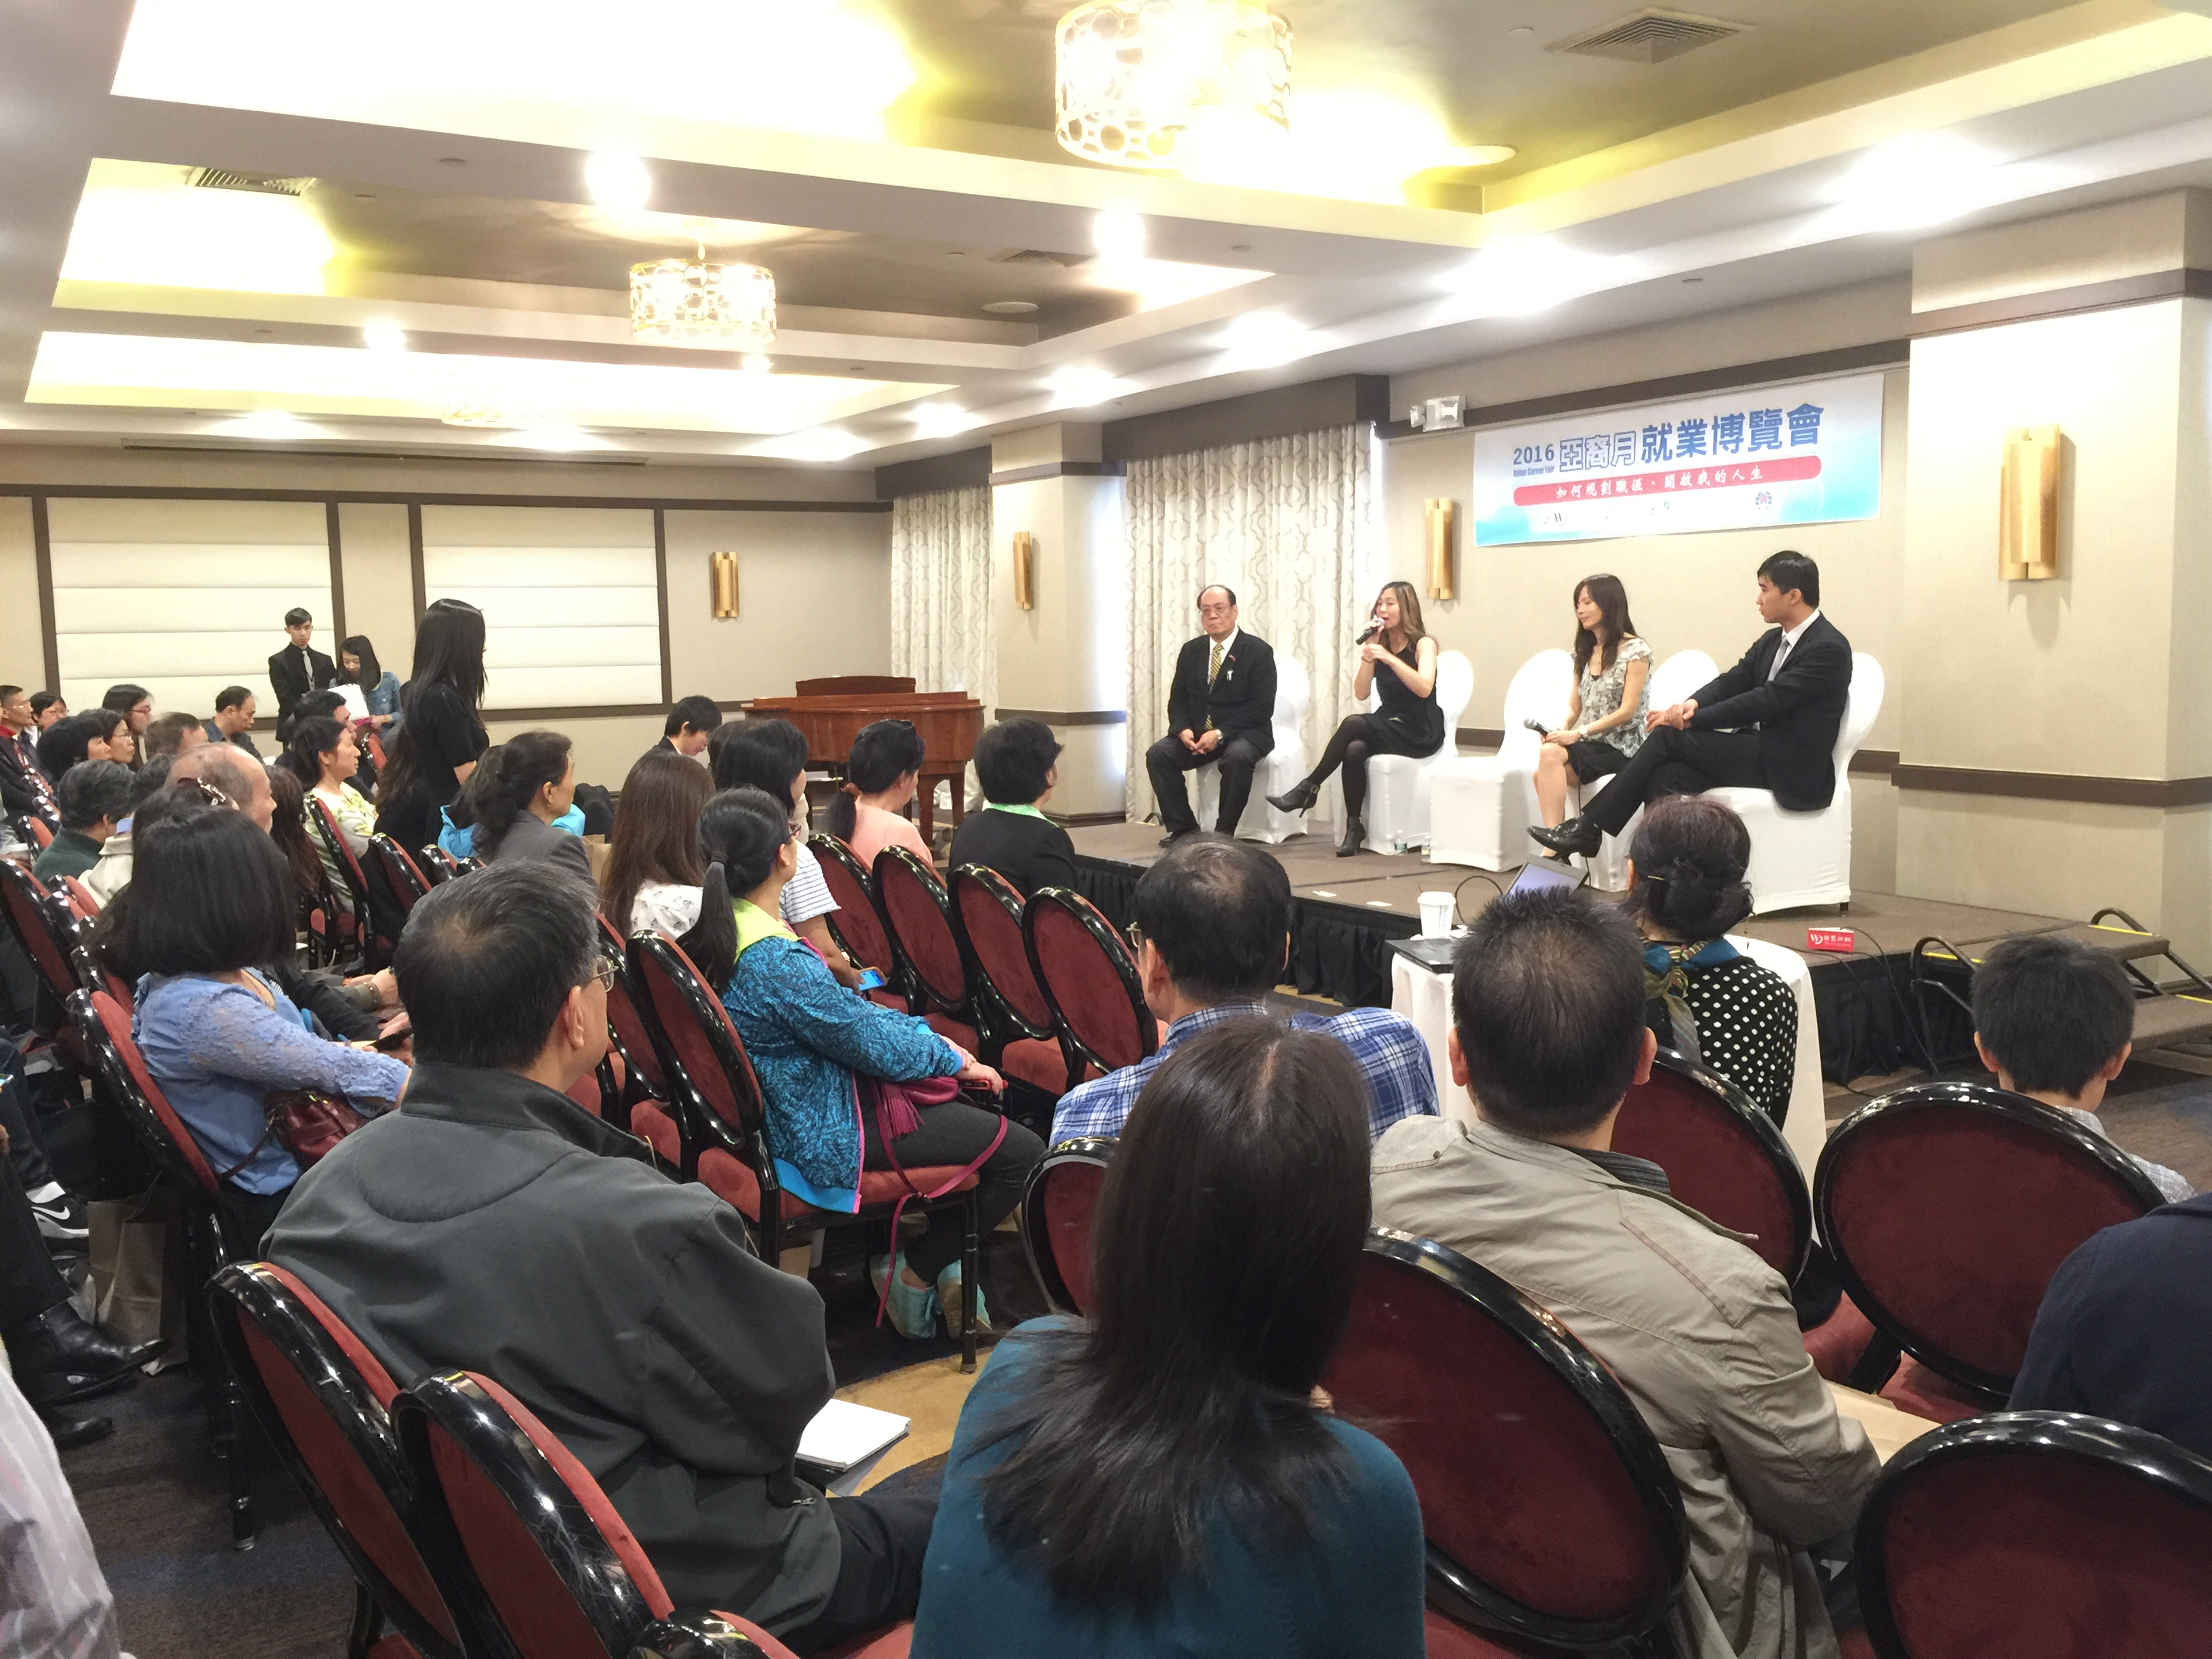 內文圖-每年五月世界日報主辦就業博覽會幫助華裔社區求職就業